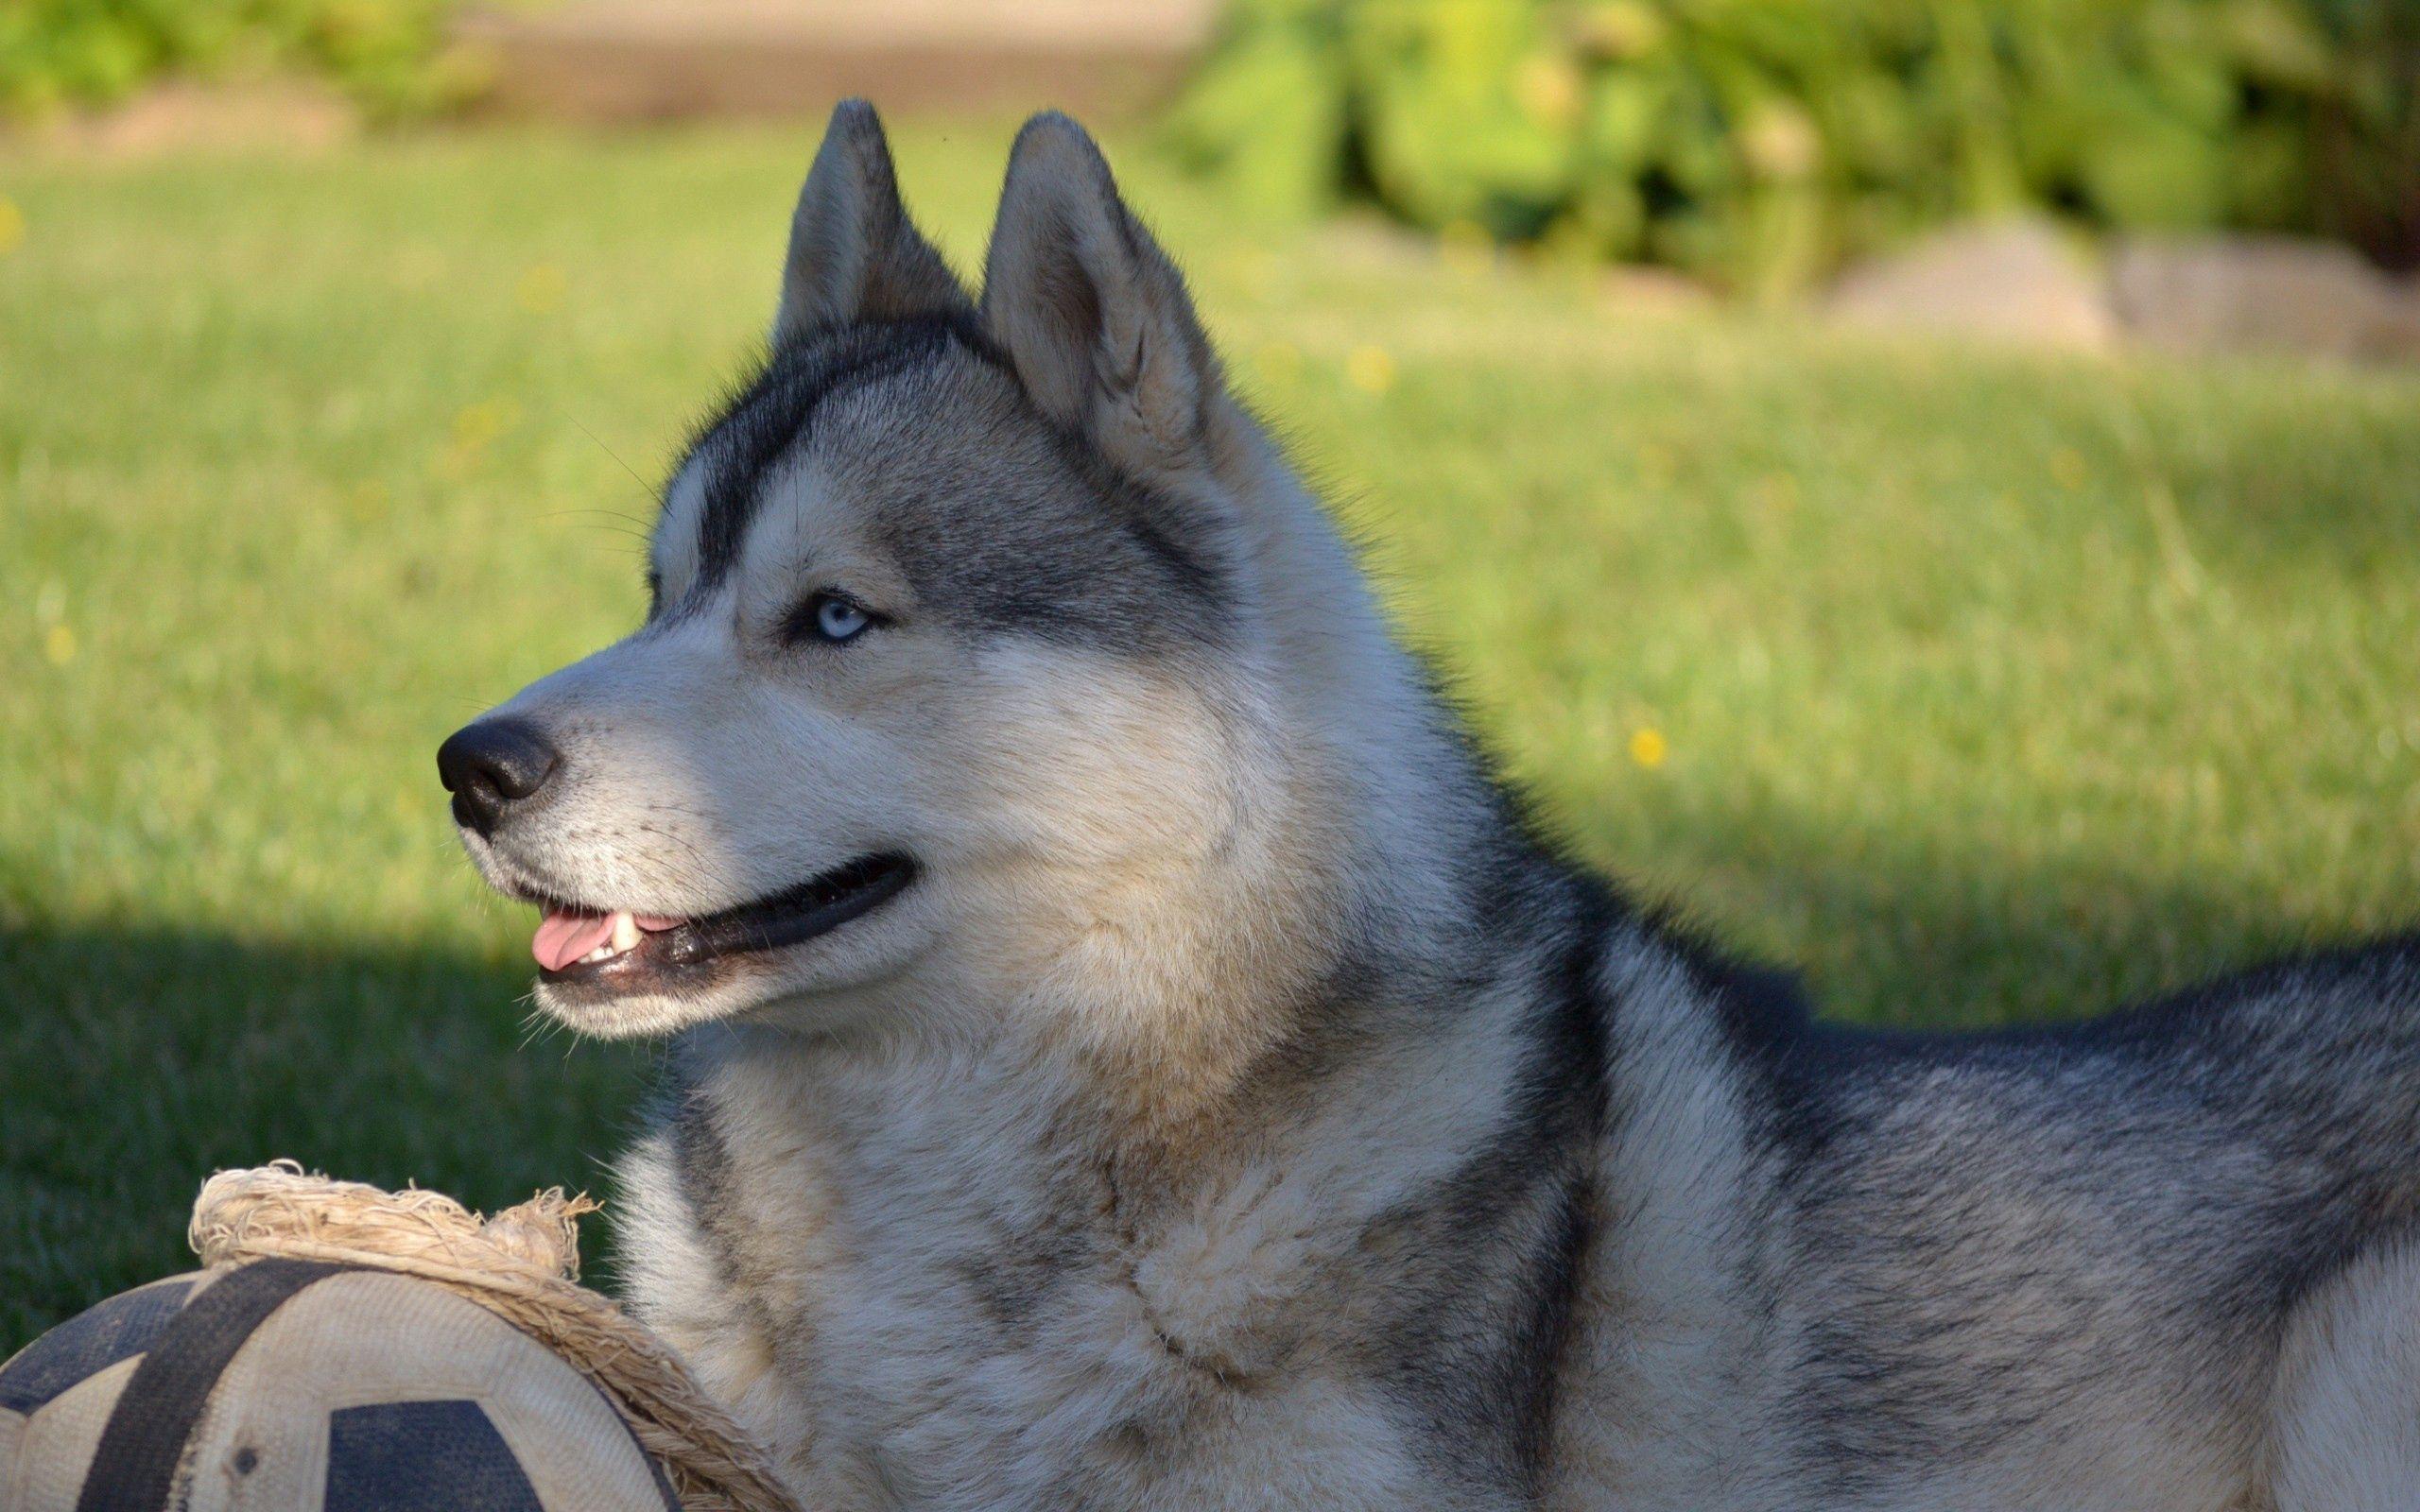 114963 скачать обои Животные, Собака, Хаска, Мяч, Трава, Лежать, Профиль - заставки и картинки бесплатно